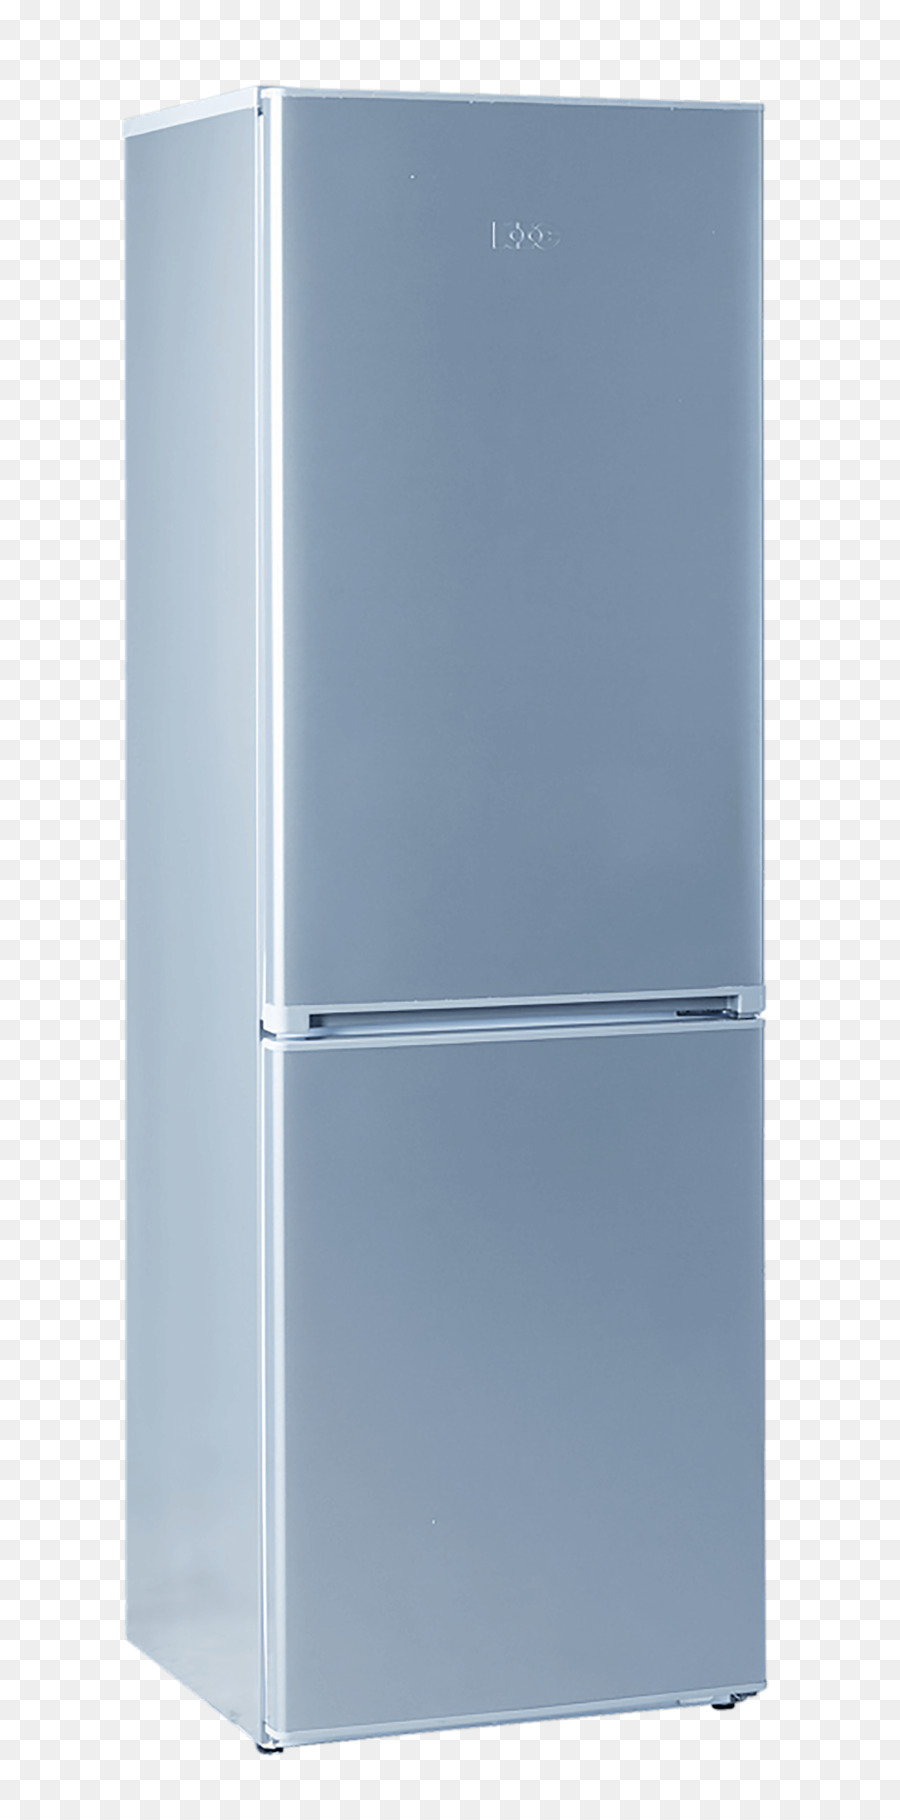 Refrigerator Pocket door Freezers Sliding glass door - refrigerator ...